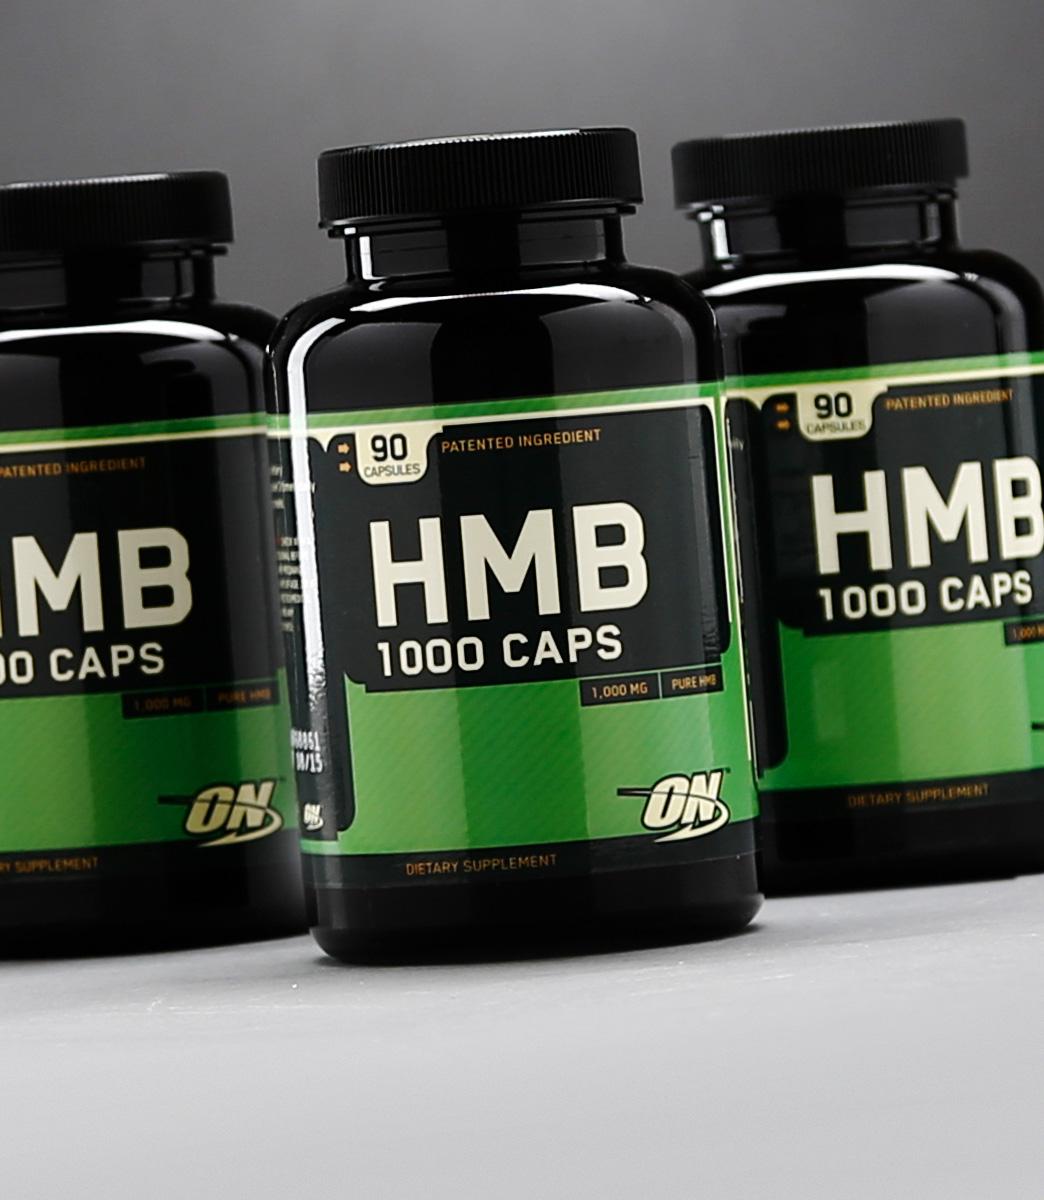 Hmb (гидроксиметилбутират): что это такое и как принимать